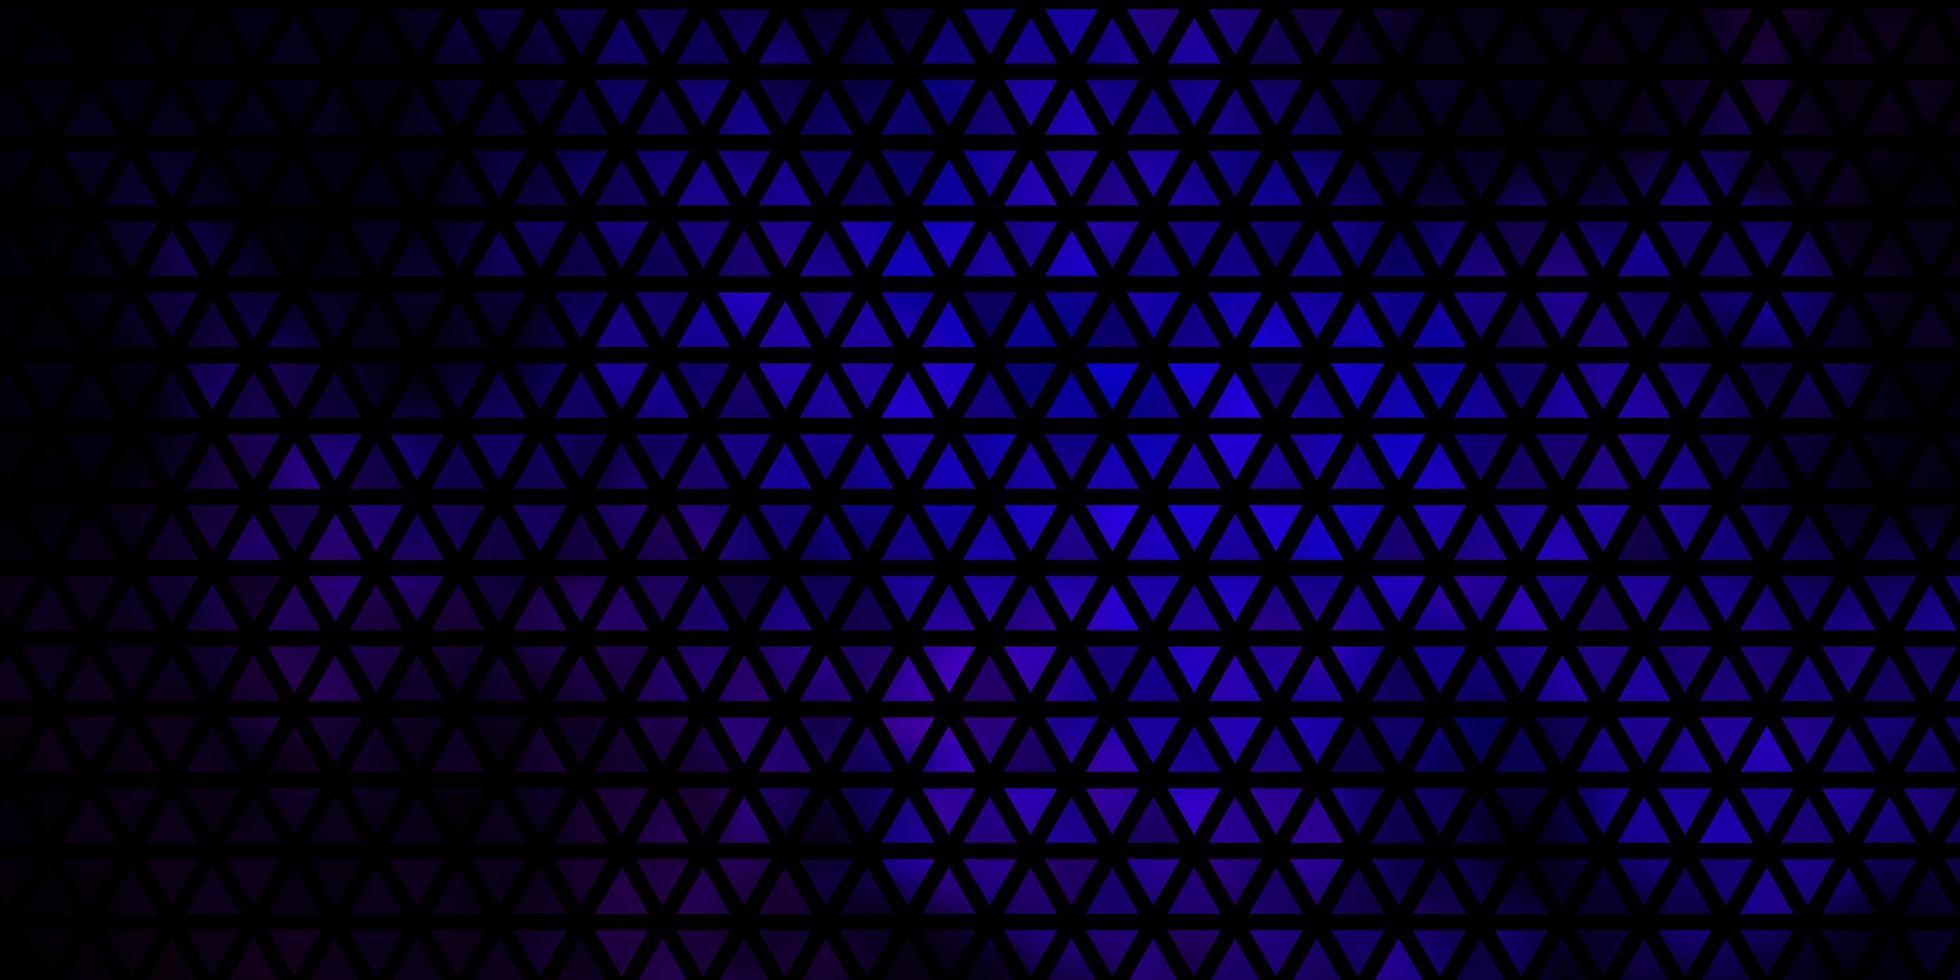 pano de fundo azul escuro com linhas, triângulos. vetor